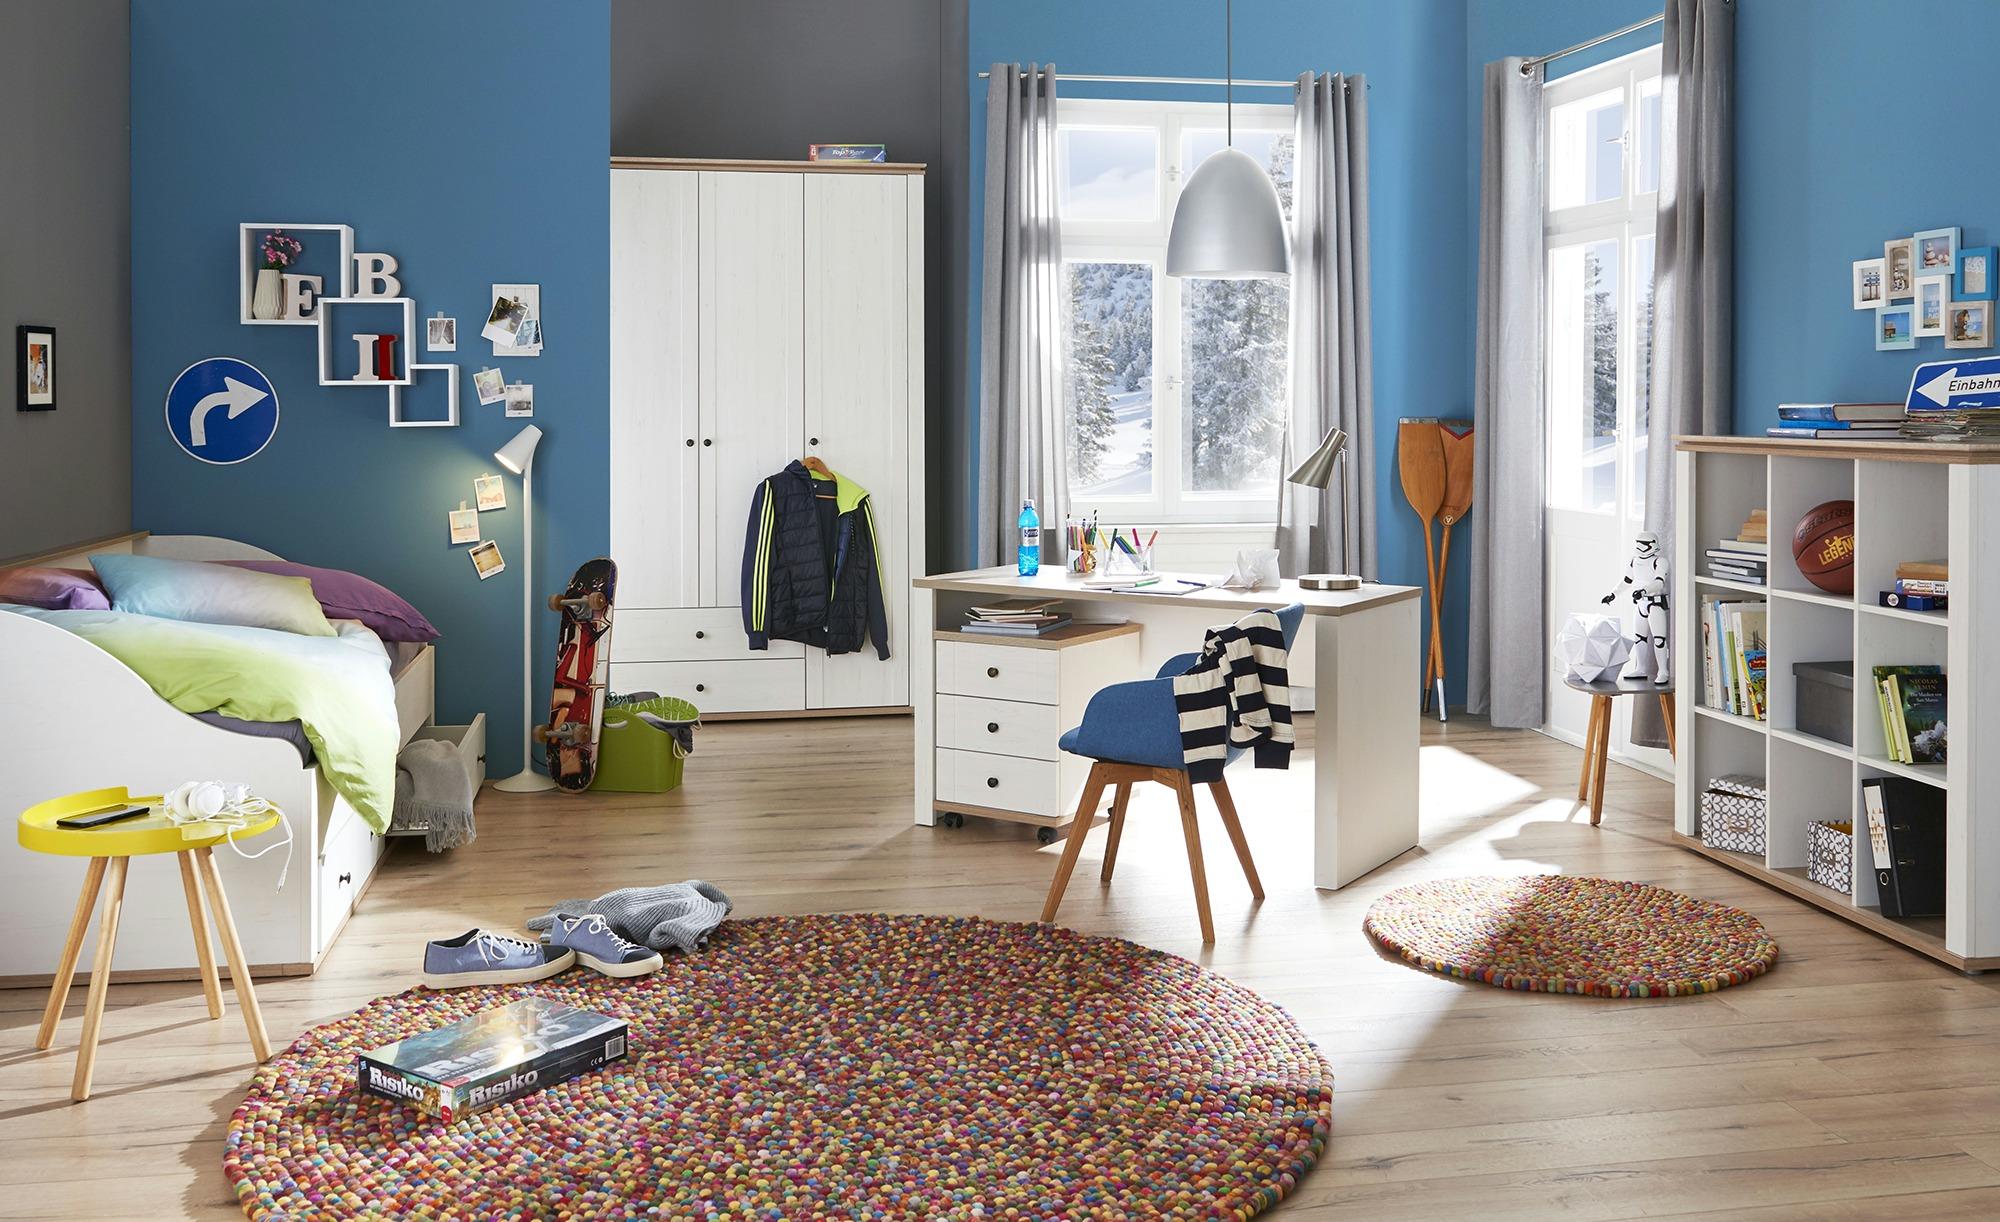 Full Size of Höffner Küchen Landhausstil Bad Schlafzimmer Regal Betten Wohnzimmer Big Sofa Küche Weiß Wohnzimmer Höffner Küchen Landhausstil